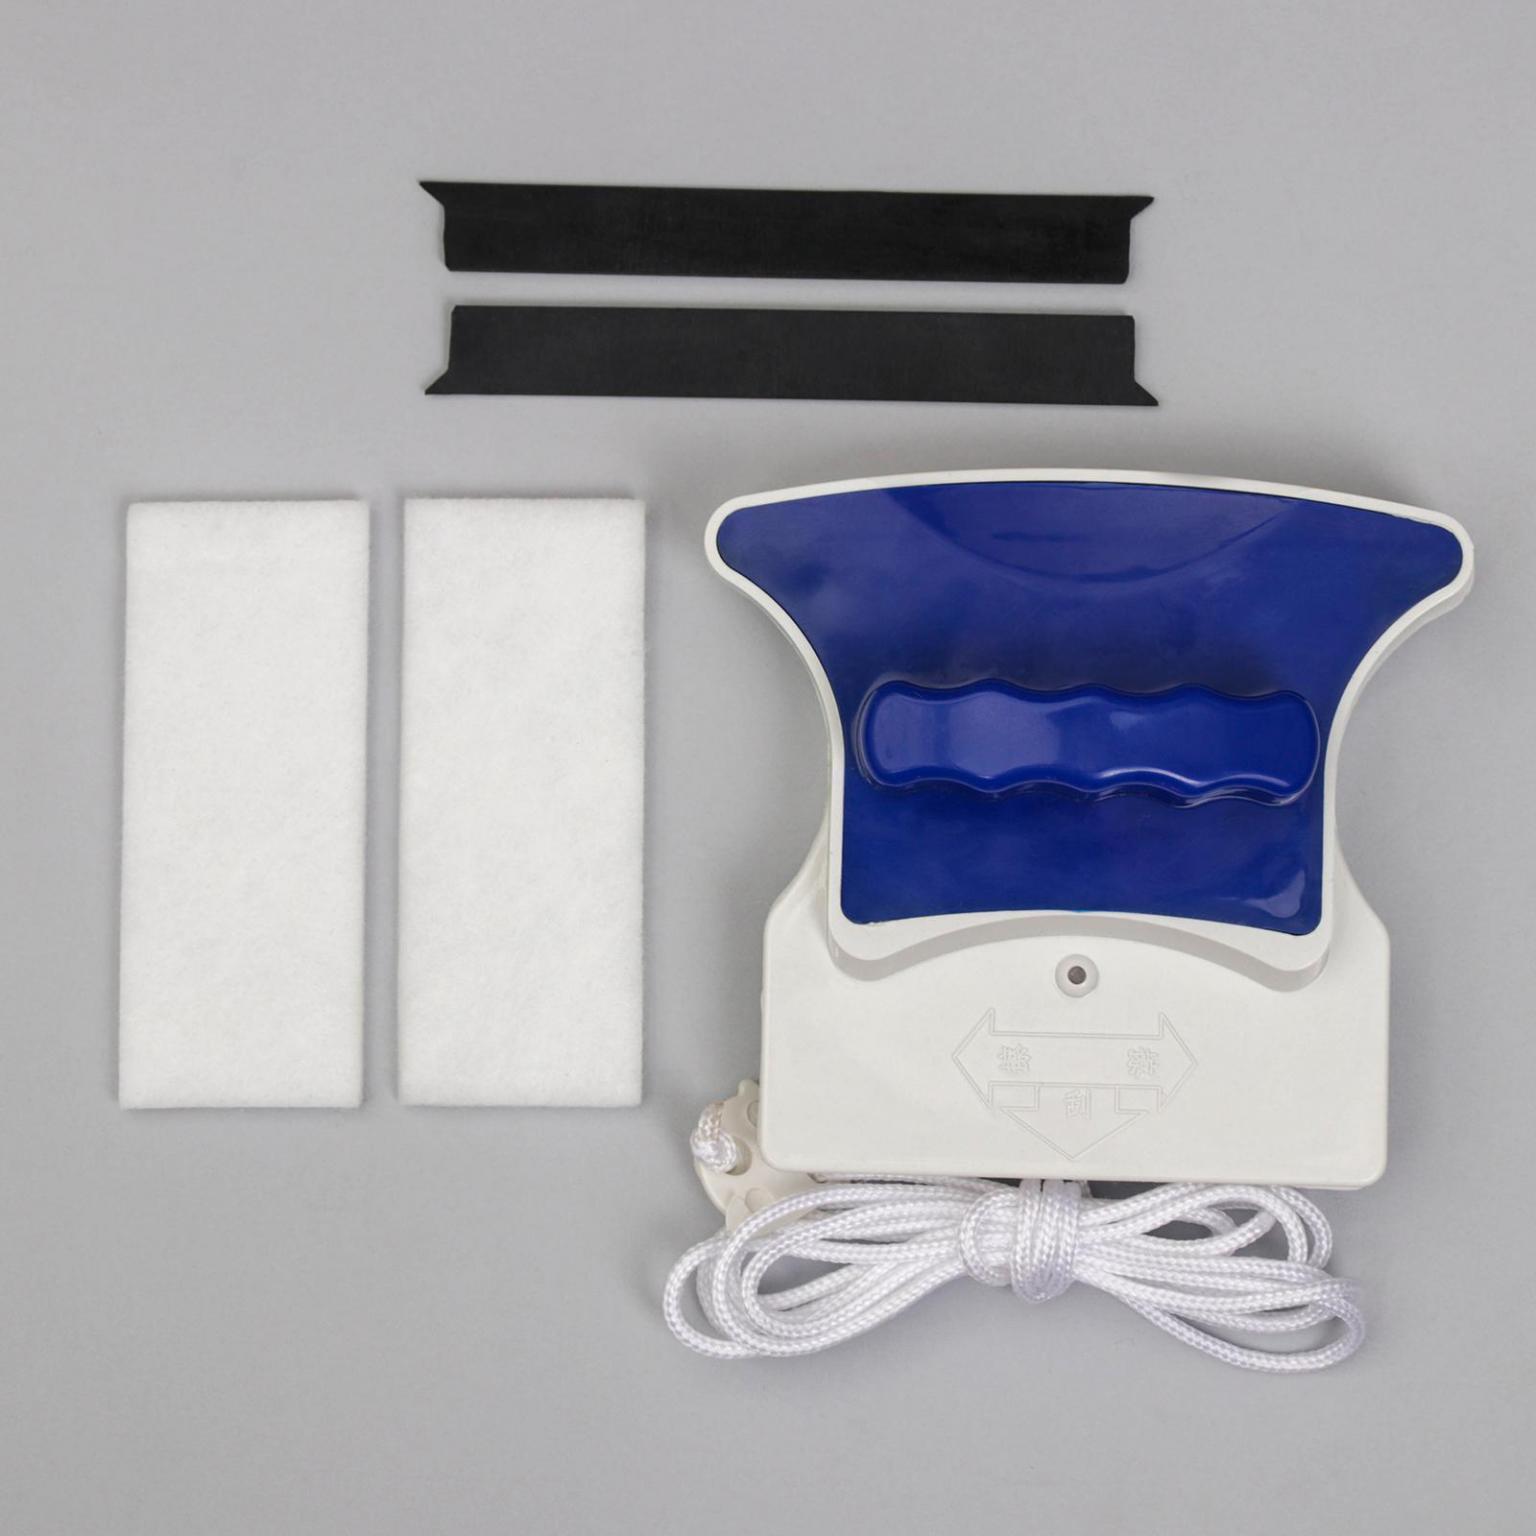 Магнитная щётка для мытья окон с двух сторон, с водосгоном, 8-16 мм